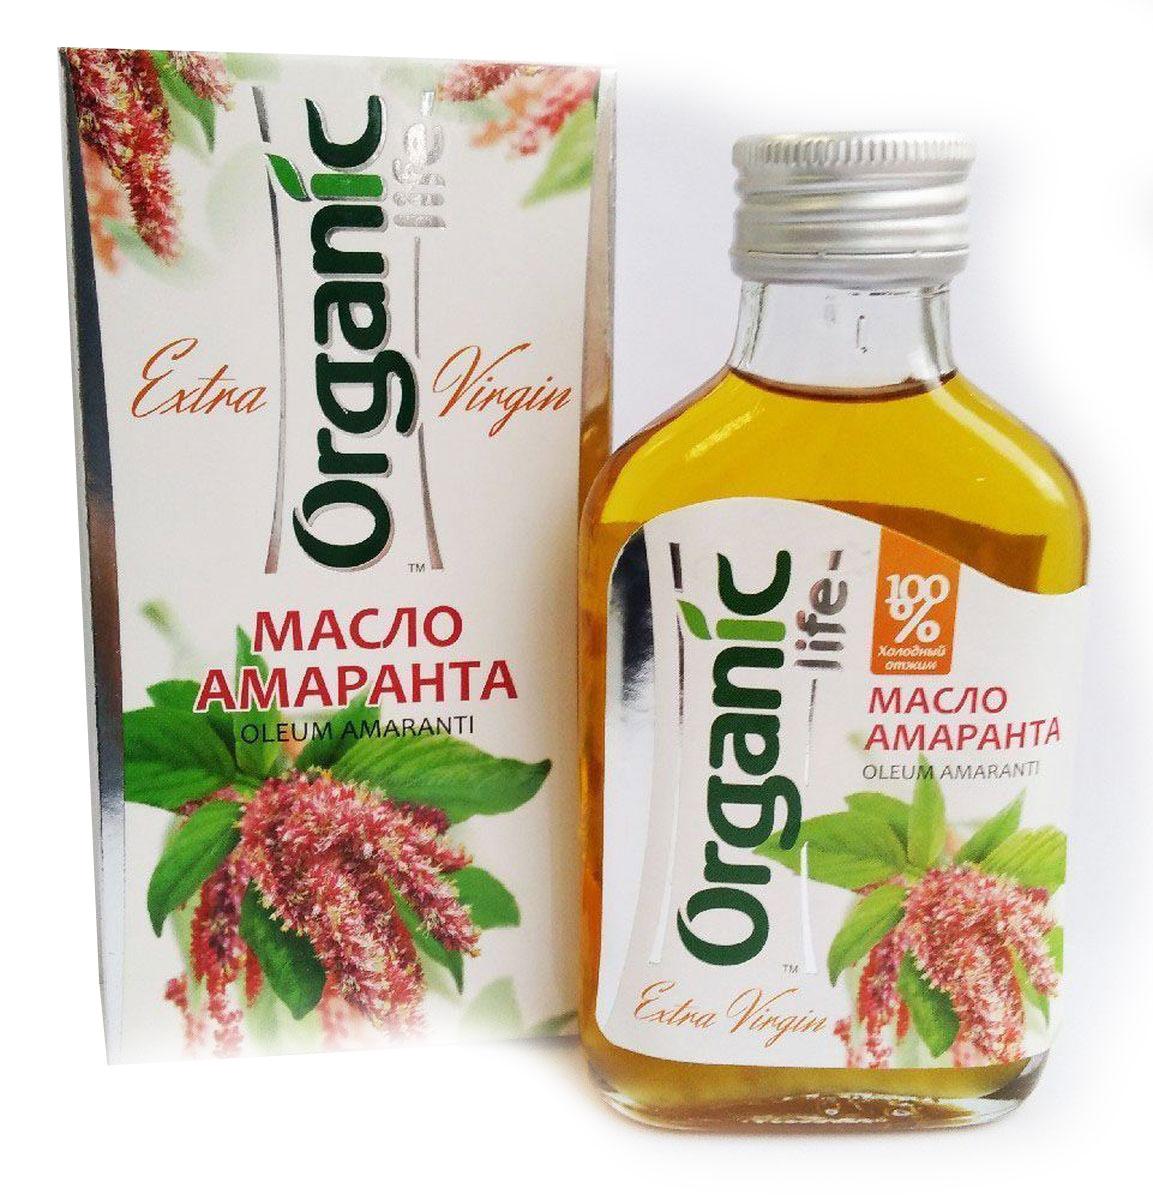 Особая ценность амарантового масла - в содержании биологически активного соединения сквалена. Сквален является универсальным защитником клеток от повреждающих факторов. Он оказывает мощное антиоксидантное, иммуномодулирующее и противоопухолевое действие. Регулярное употребление в пищу амарантового масла: замедляет процессы старения клеток; улучшает обмен веществ; нормализует работу иммунной и эндокринной систем. Такие свойства амарантового масла были подтверждены в ходе исследовательских испытаний в ведущих учреждениях России: Воронежская государственная медицинская академия им. Н.Н. Бурденко, Институт хирургии им. А.В. Вишневского РАМН (г. Москва), НИИ онкологии им. проф. Н.Н. Петрова (г. Санкт-Петербург). Способ применения: по 1 ч.л. 2-3 раза в день.